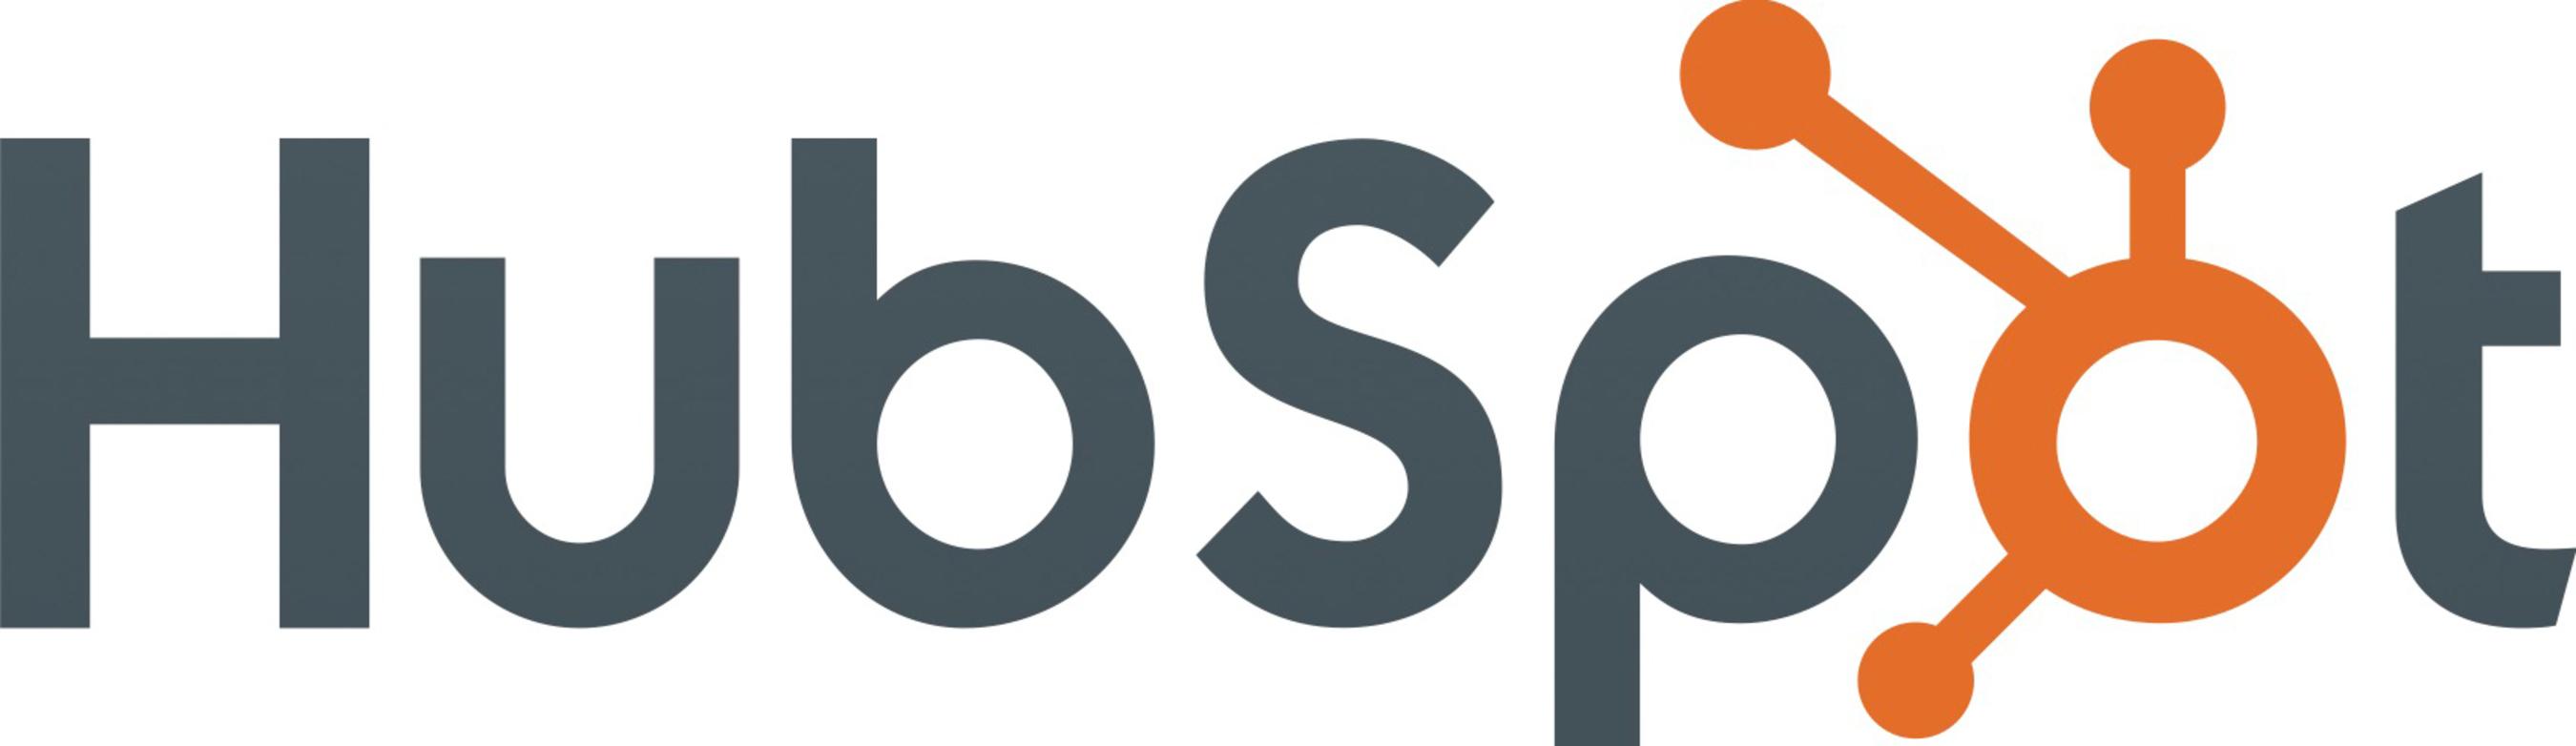 HubSpot, Inc. logo - www.hubspot.com